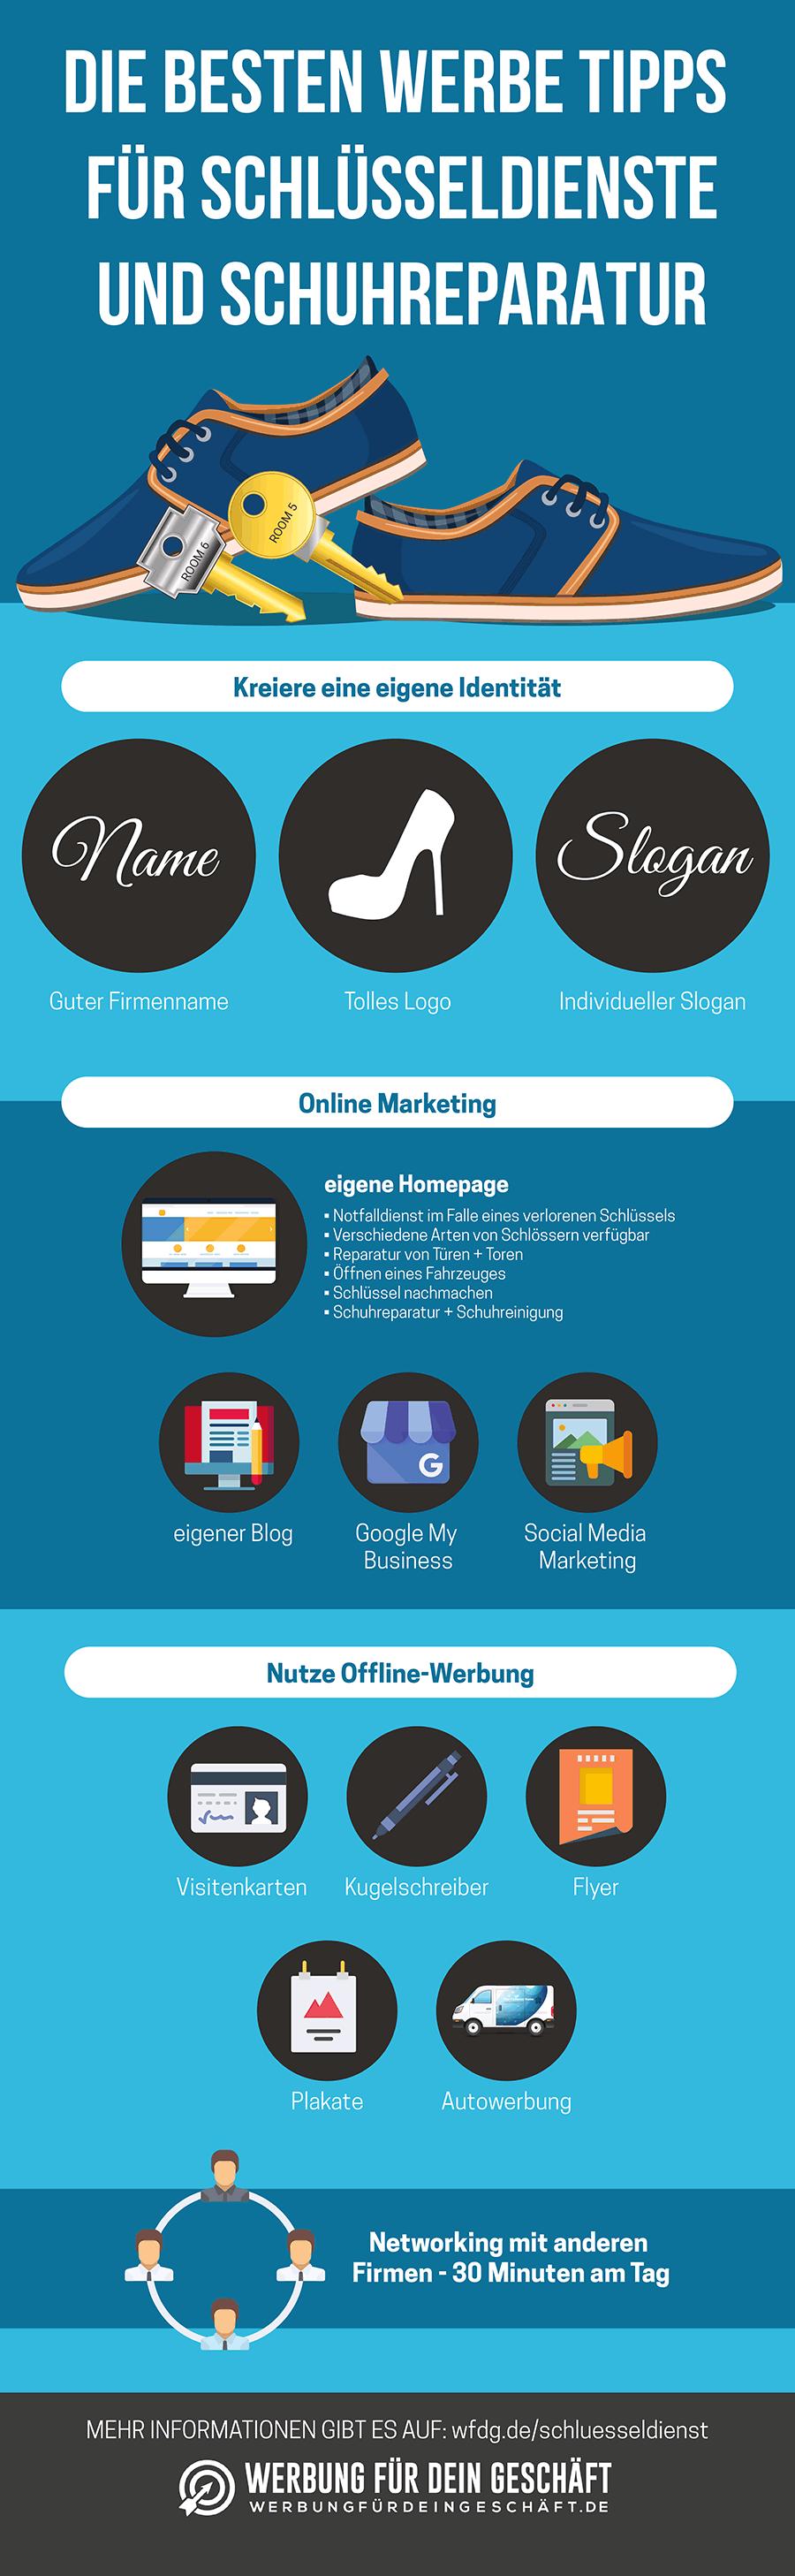 Infografik mit den besten Werbetipps für Schlüsseldienste und Schuhreparatur